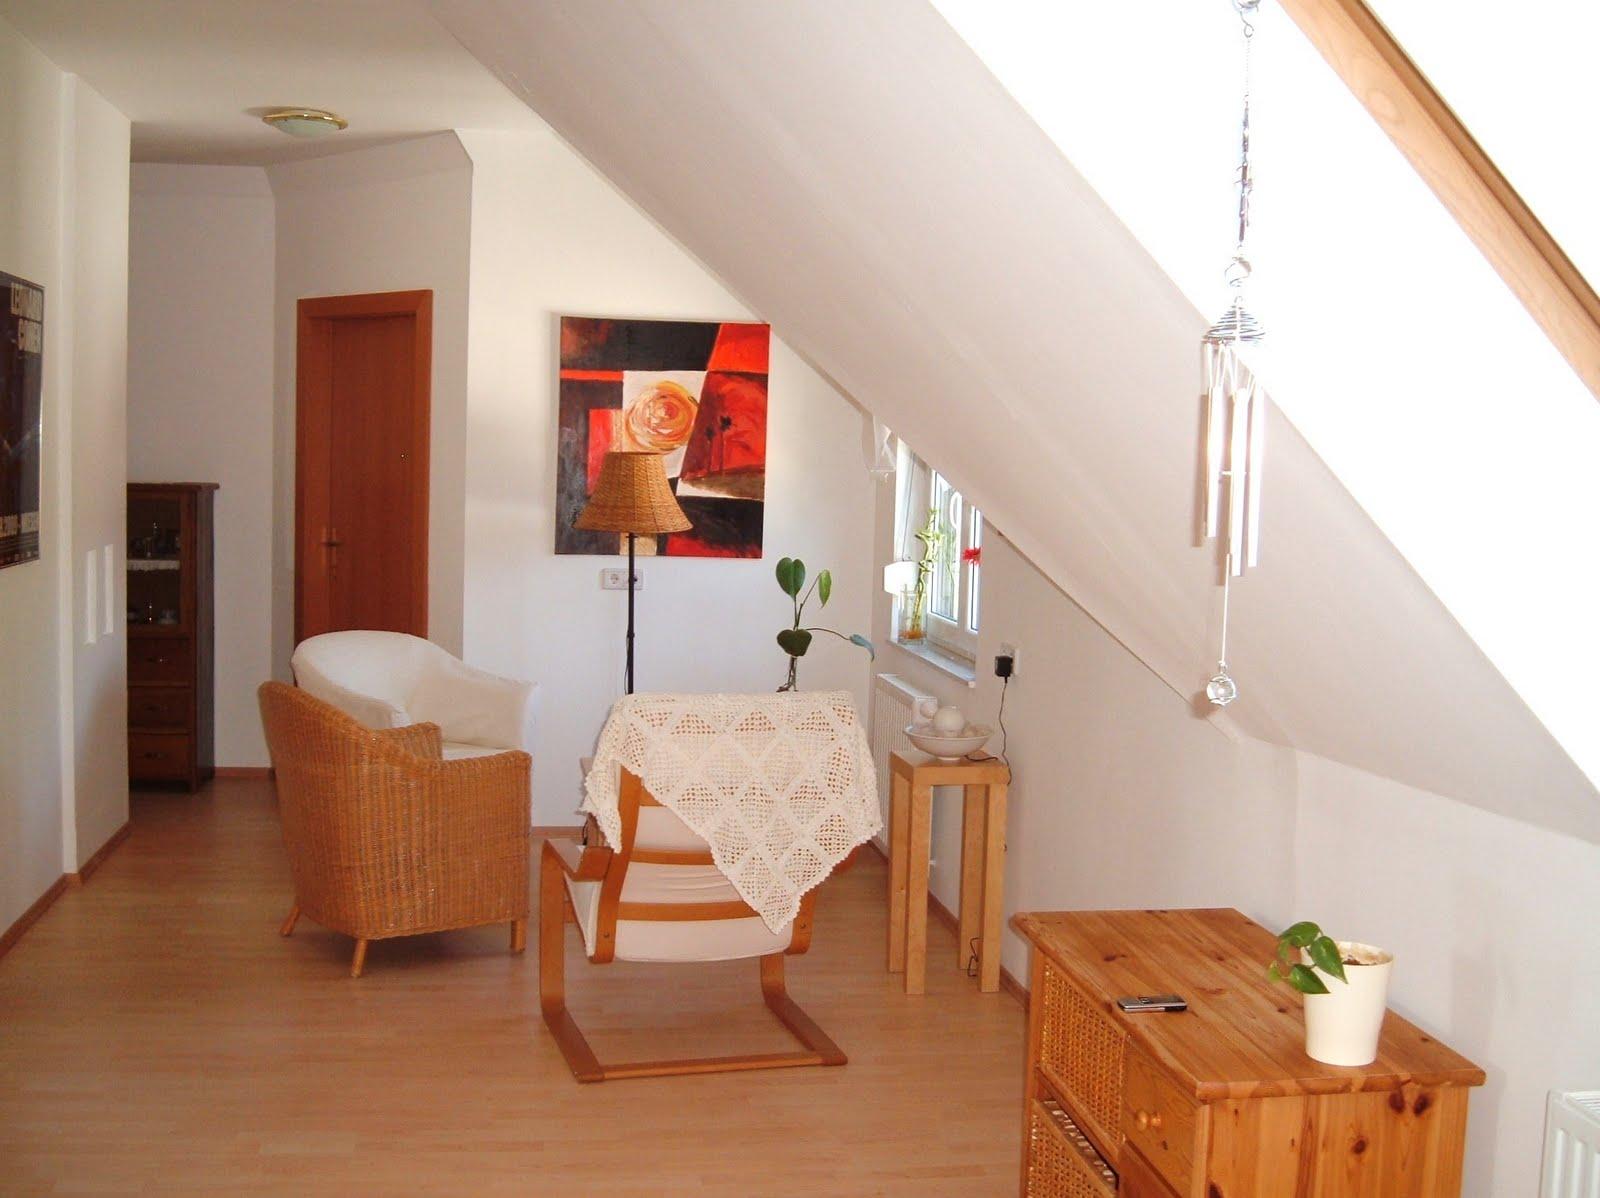 violet grey ein zimmer mehr ein zimmer weniger. Black Bedroom Furniture Sets. Home Design Ideas